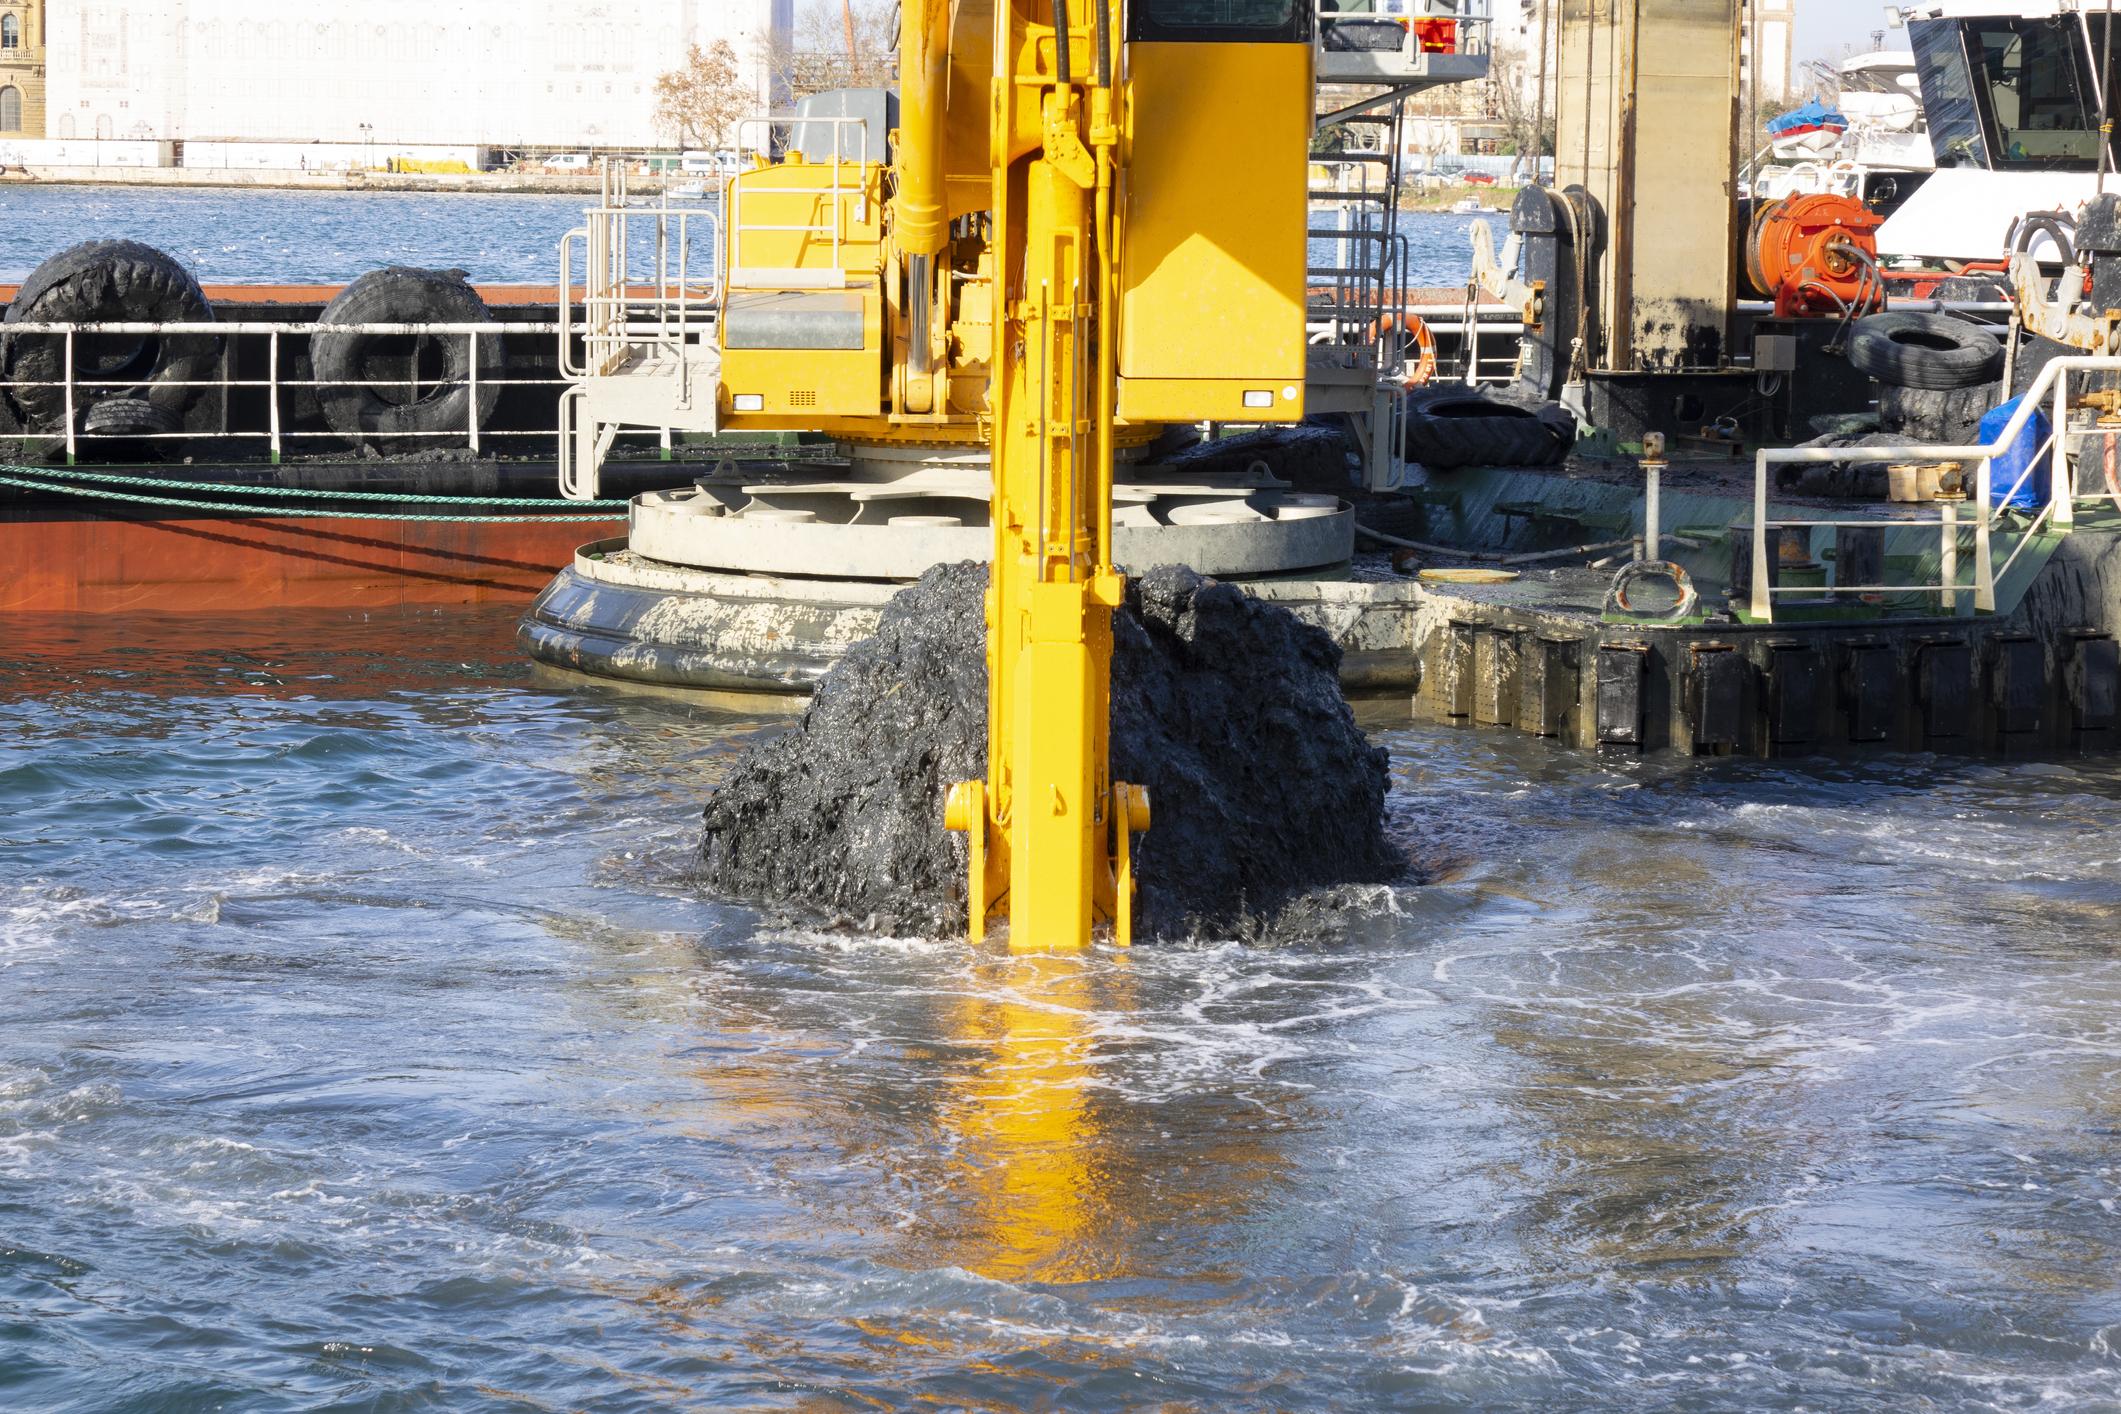 Excavator dredging a river